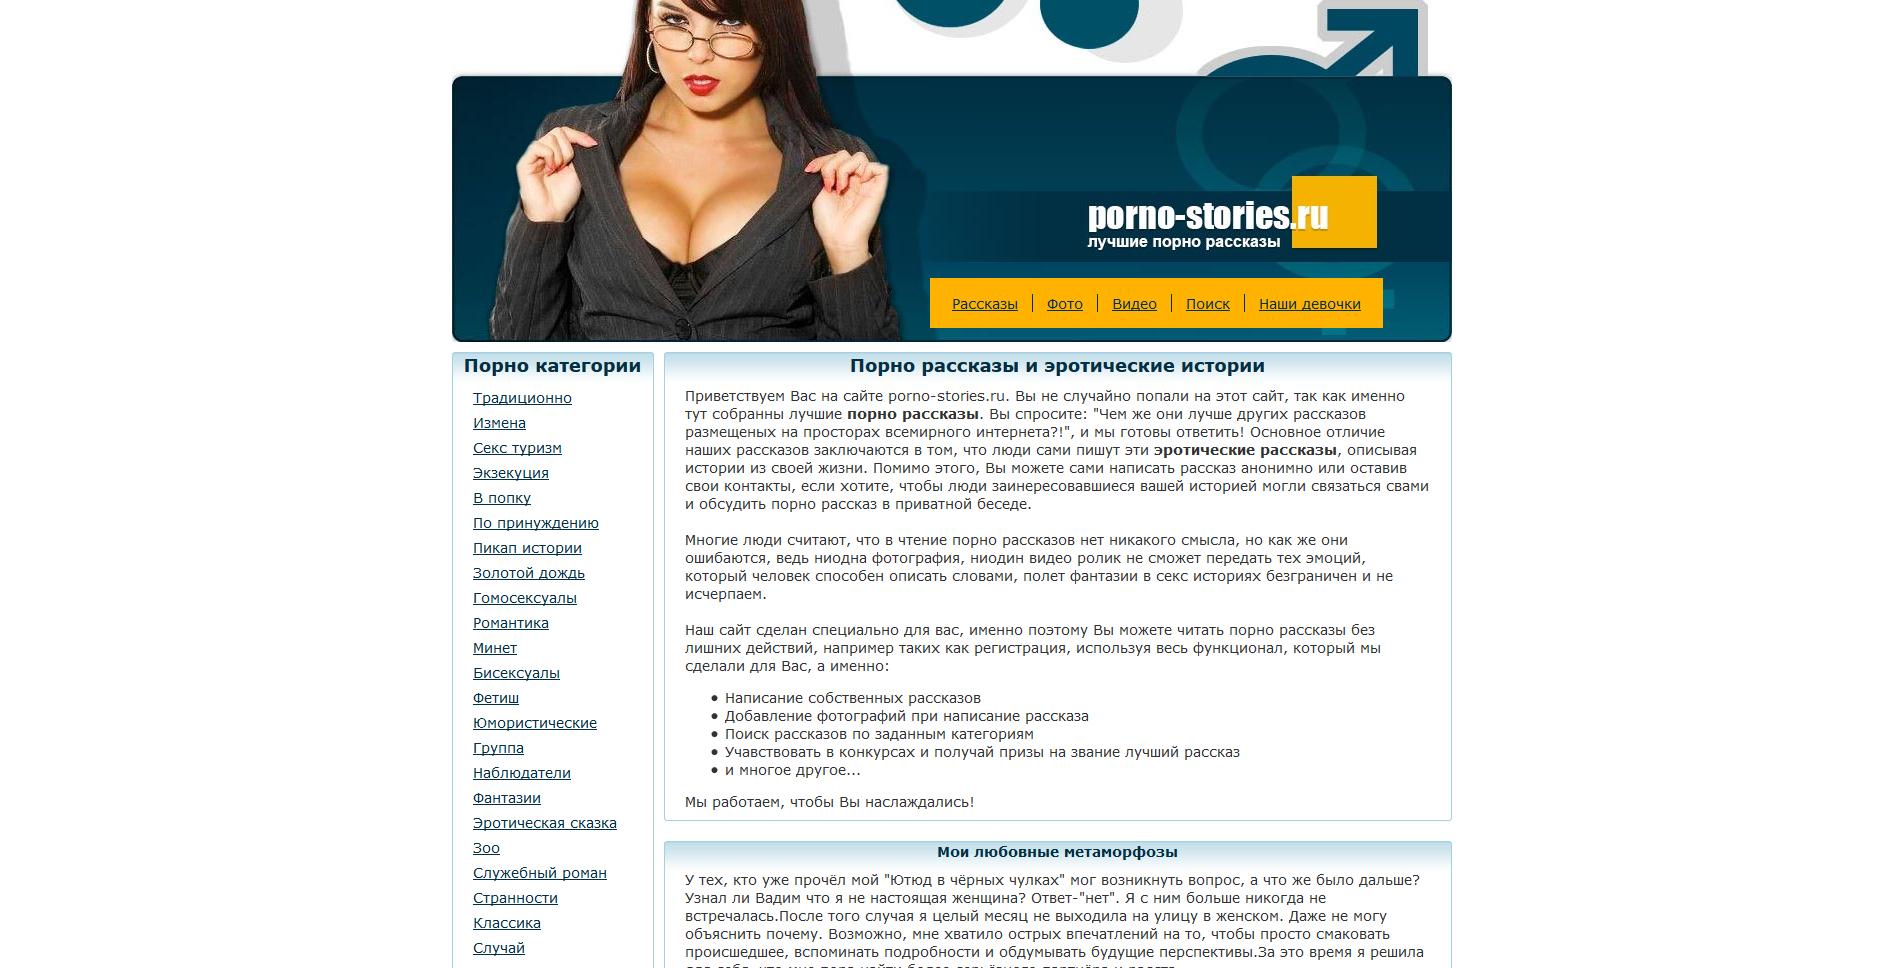 Порно красиво свежие порно сайты с фото